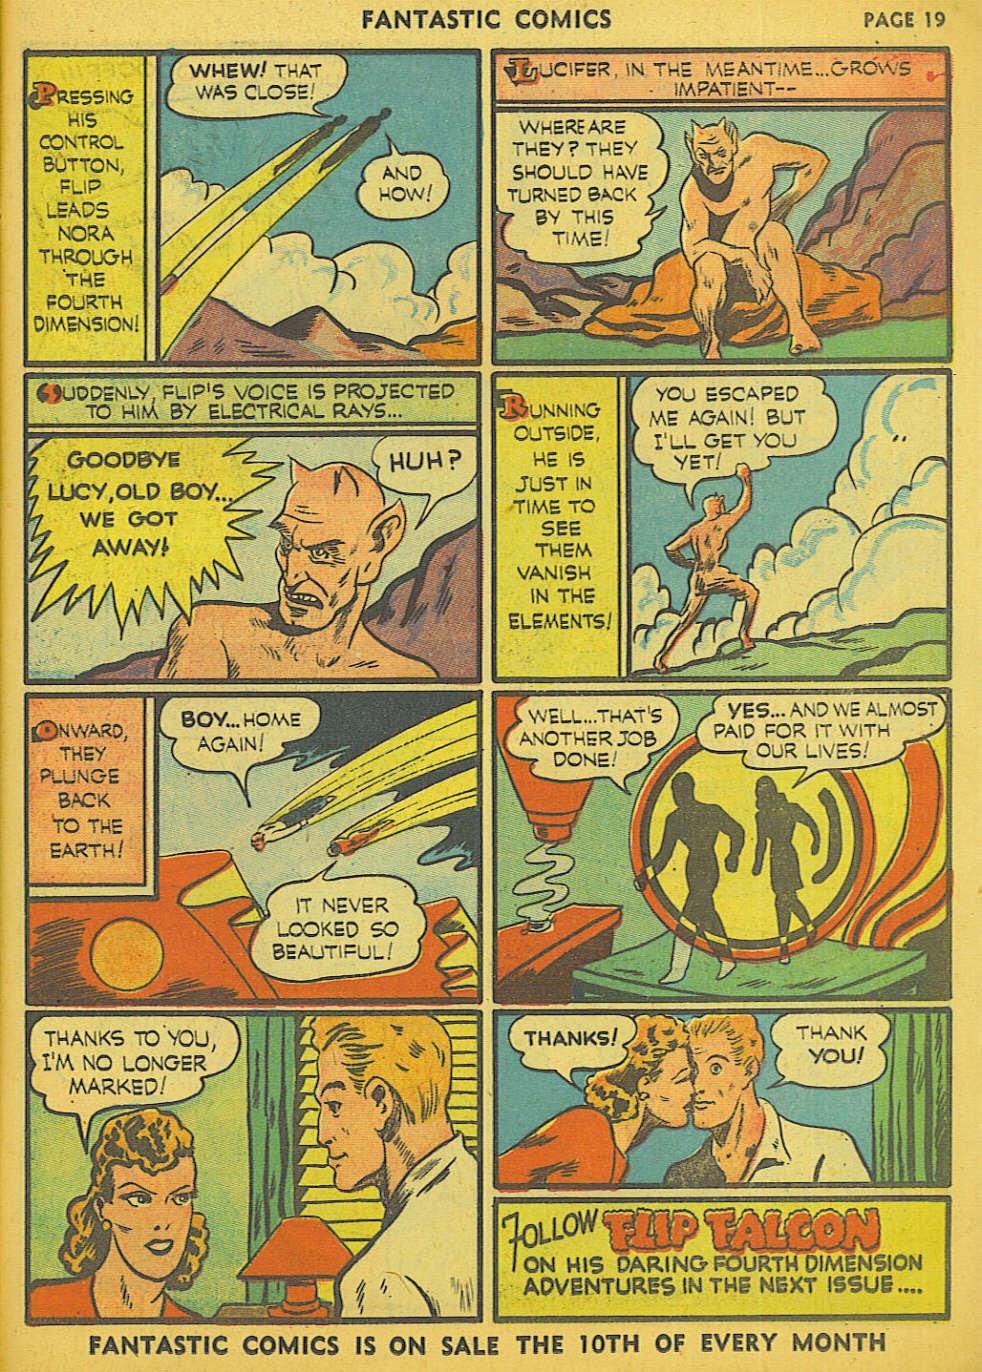 Read online Fantastic Comics comic -  Issue #15 - 12